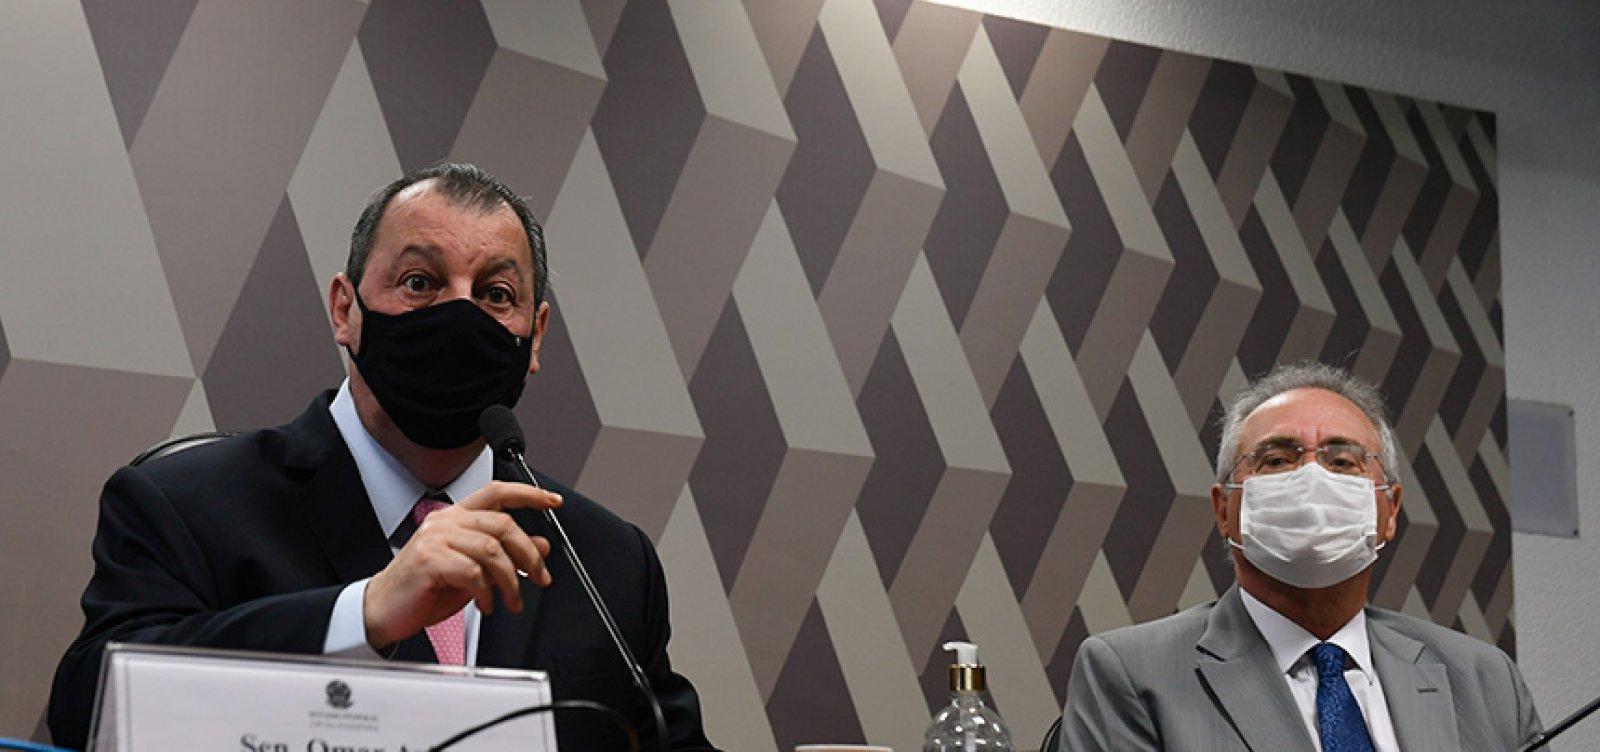 Bolsonaro, filhos, ministros e apoiadores utilizaram negacionismo como política, conclui relatório da CPI da Covid-19